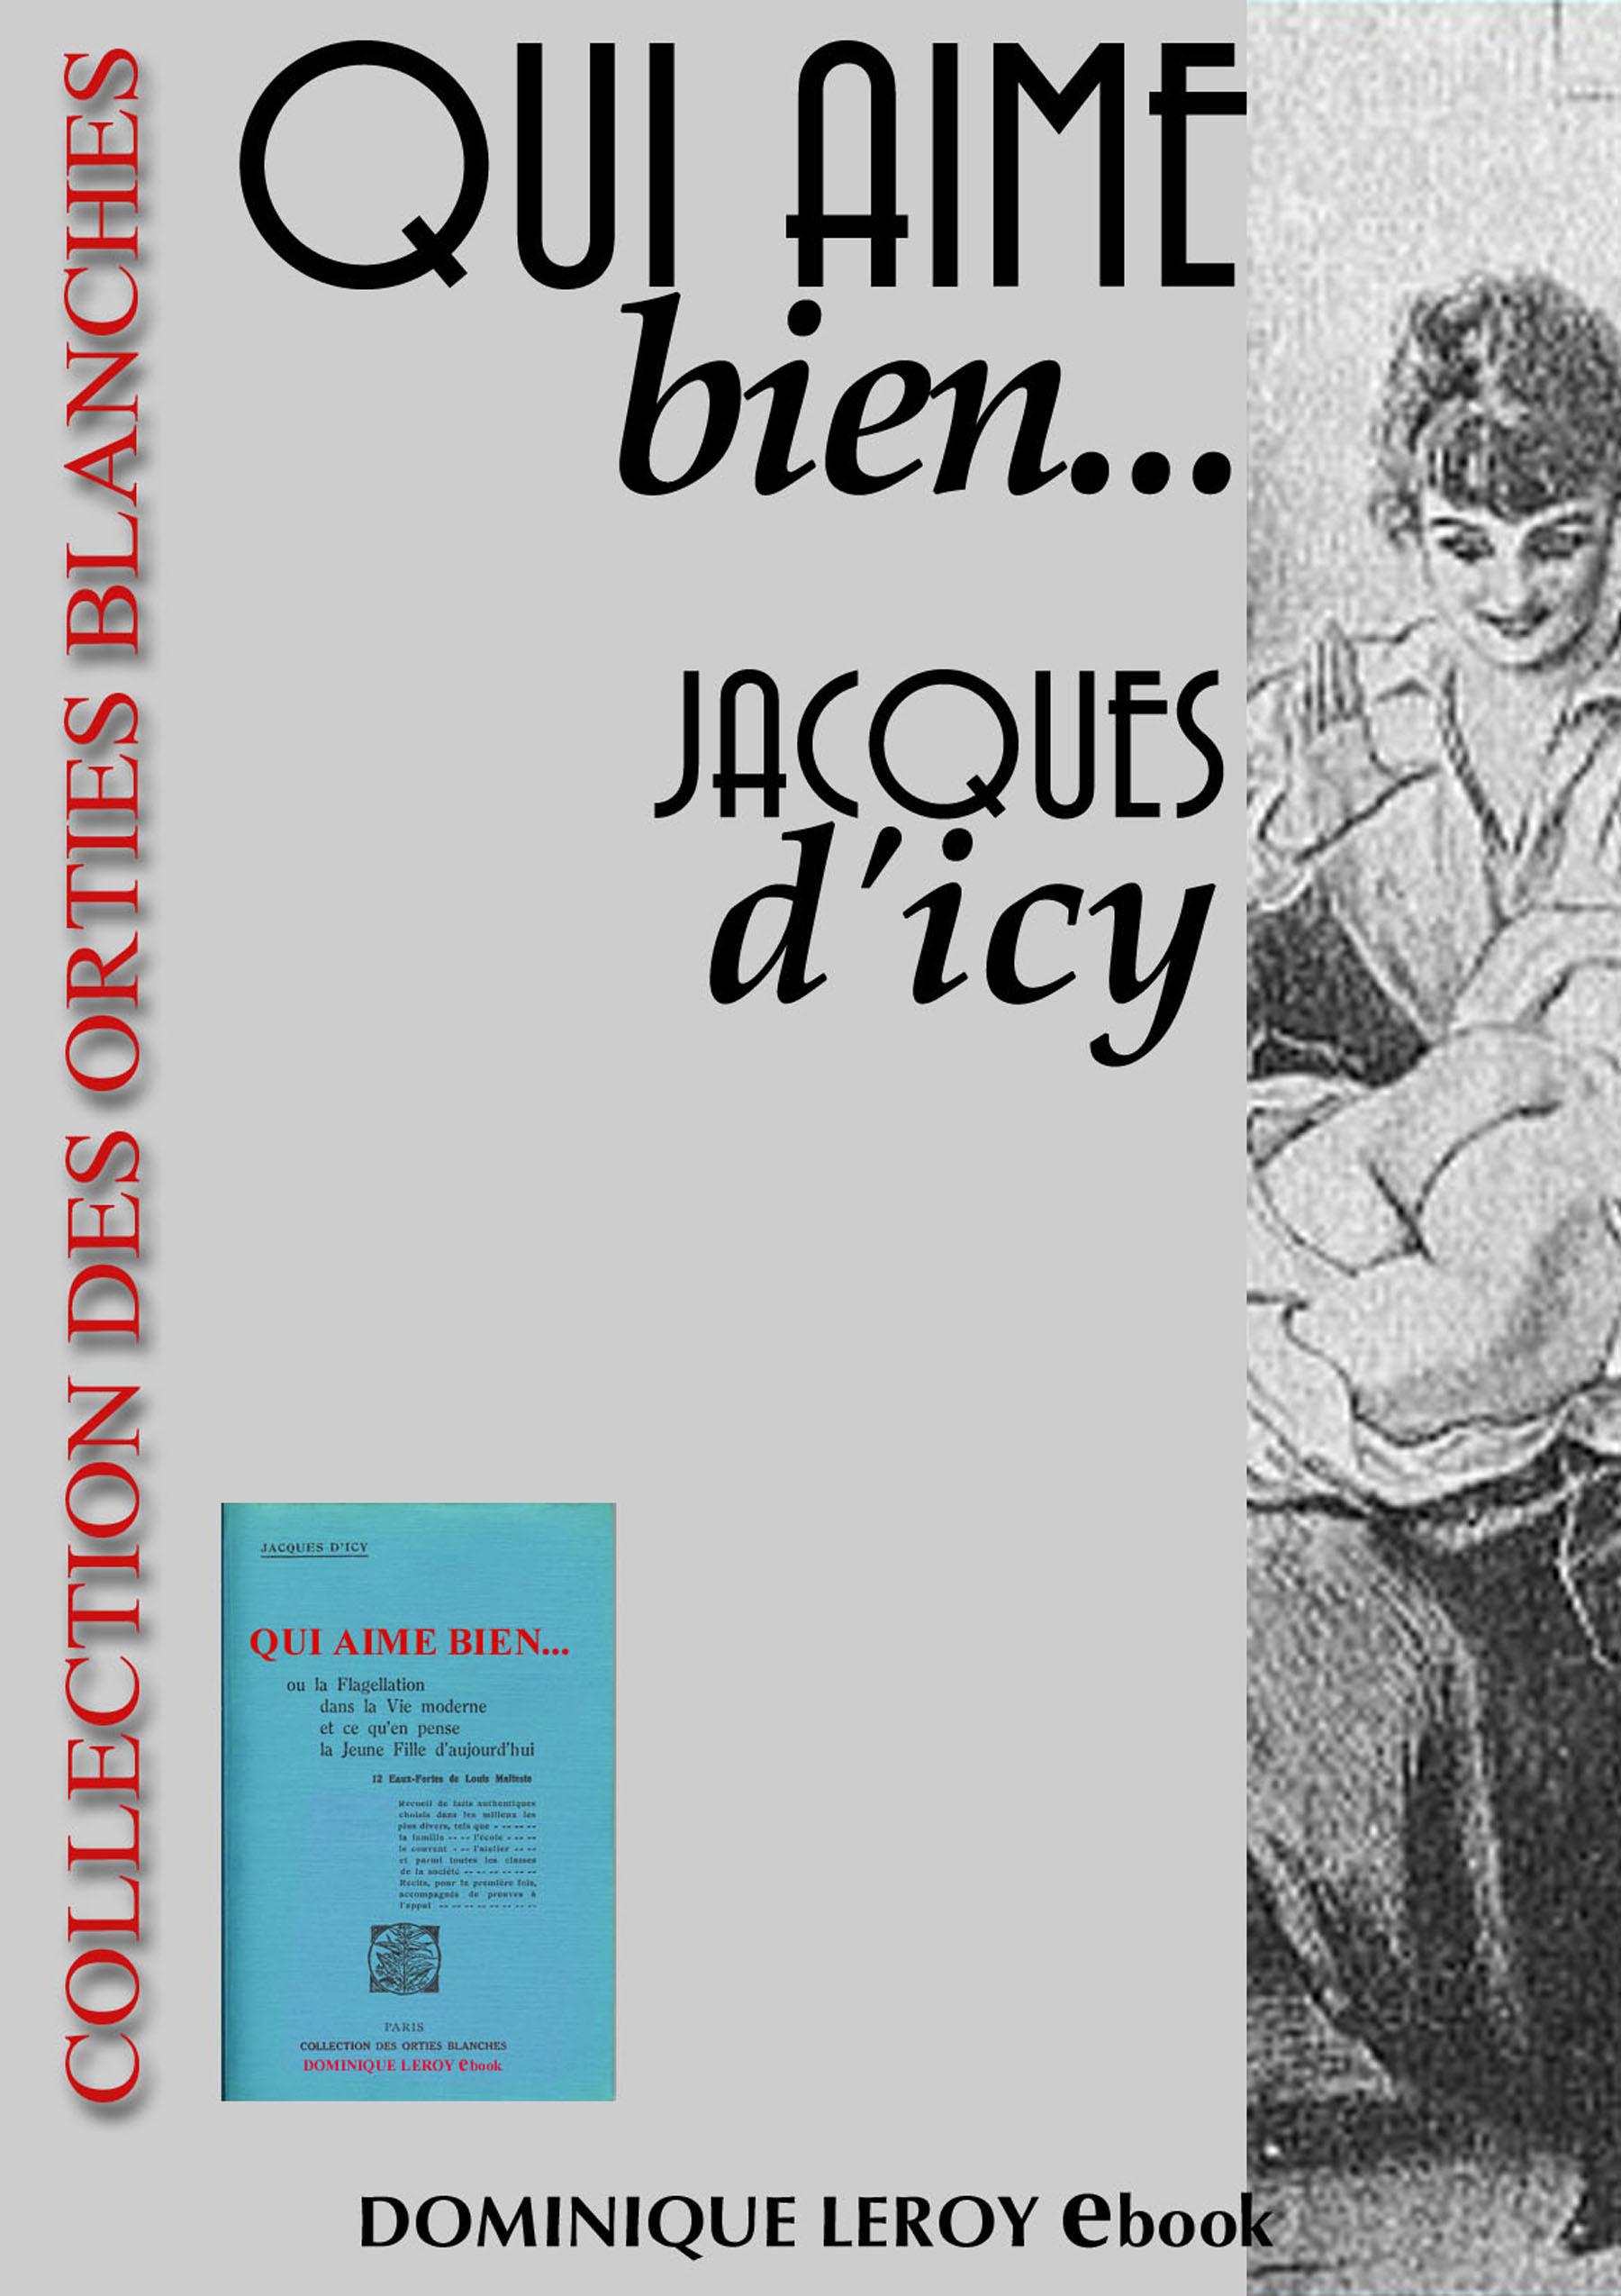 Qui aime bien...  - Collectif  - Jacques d' Icy